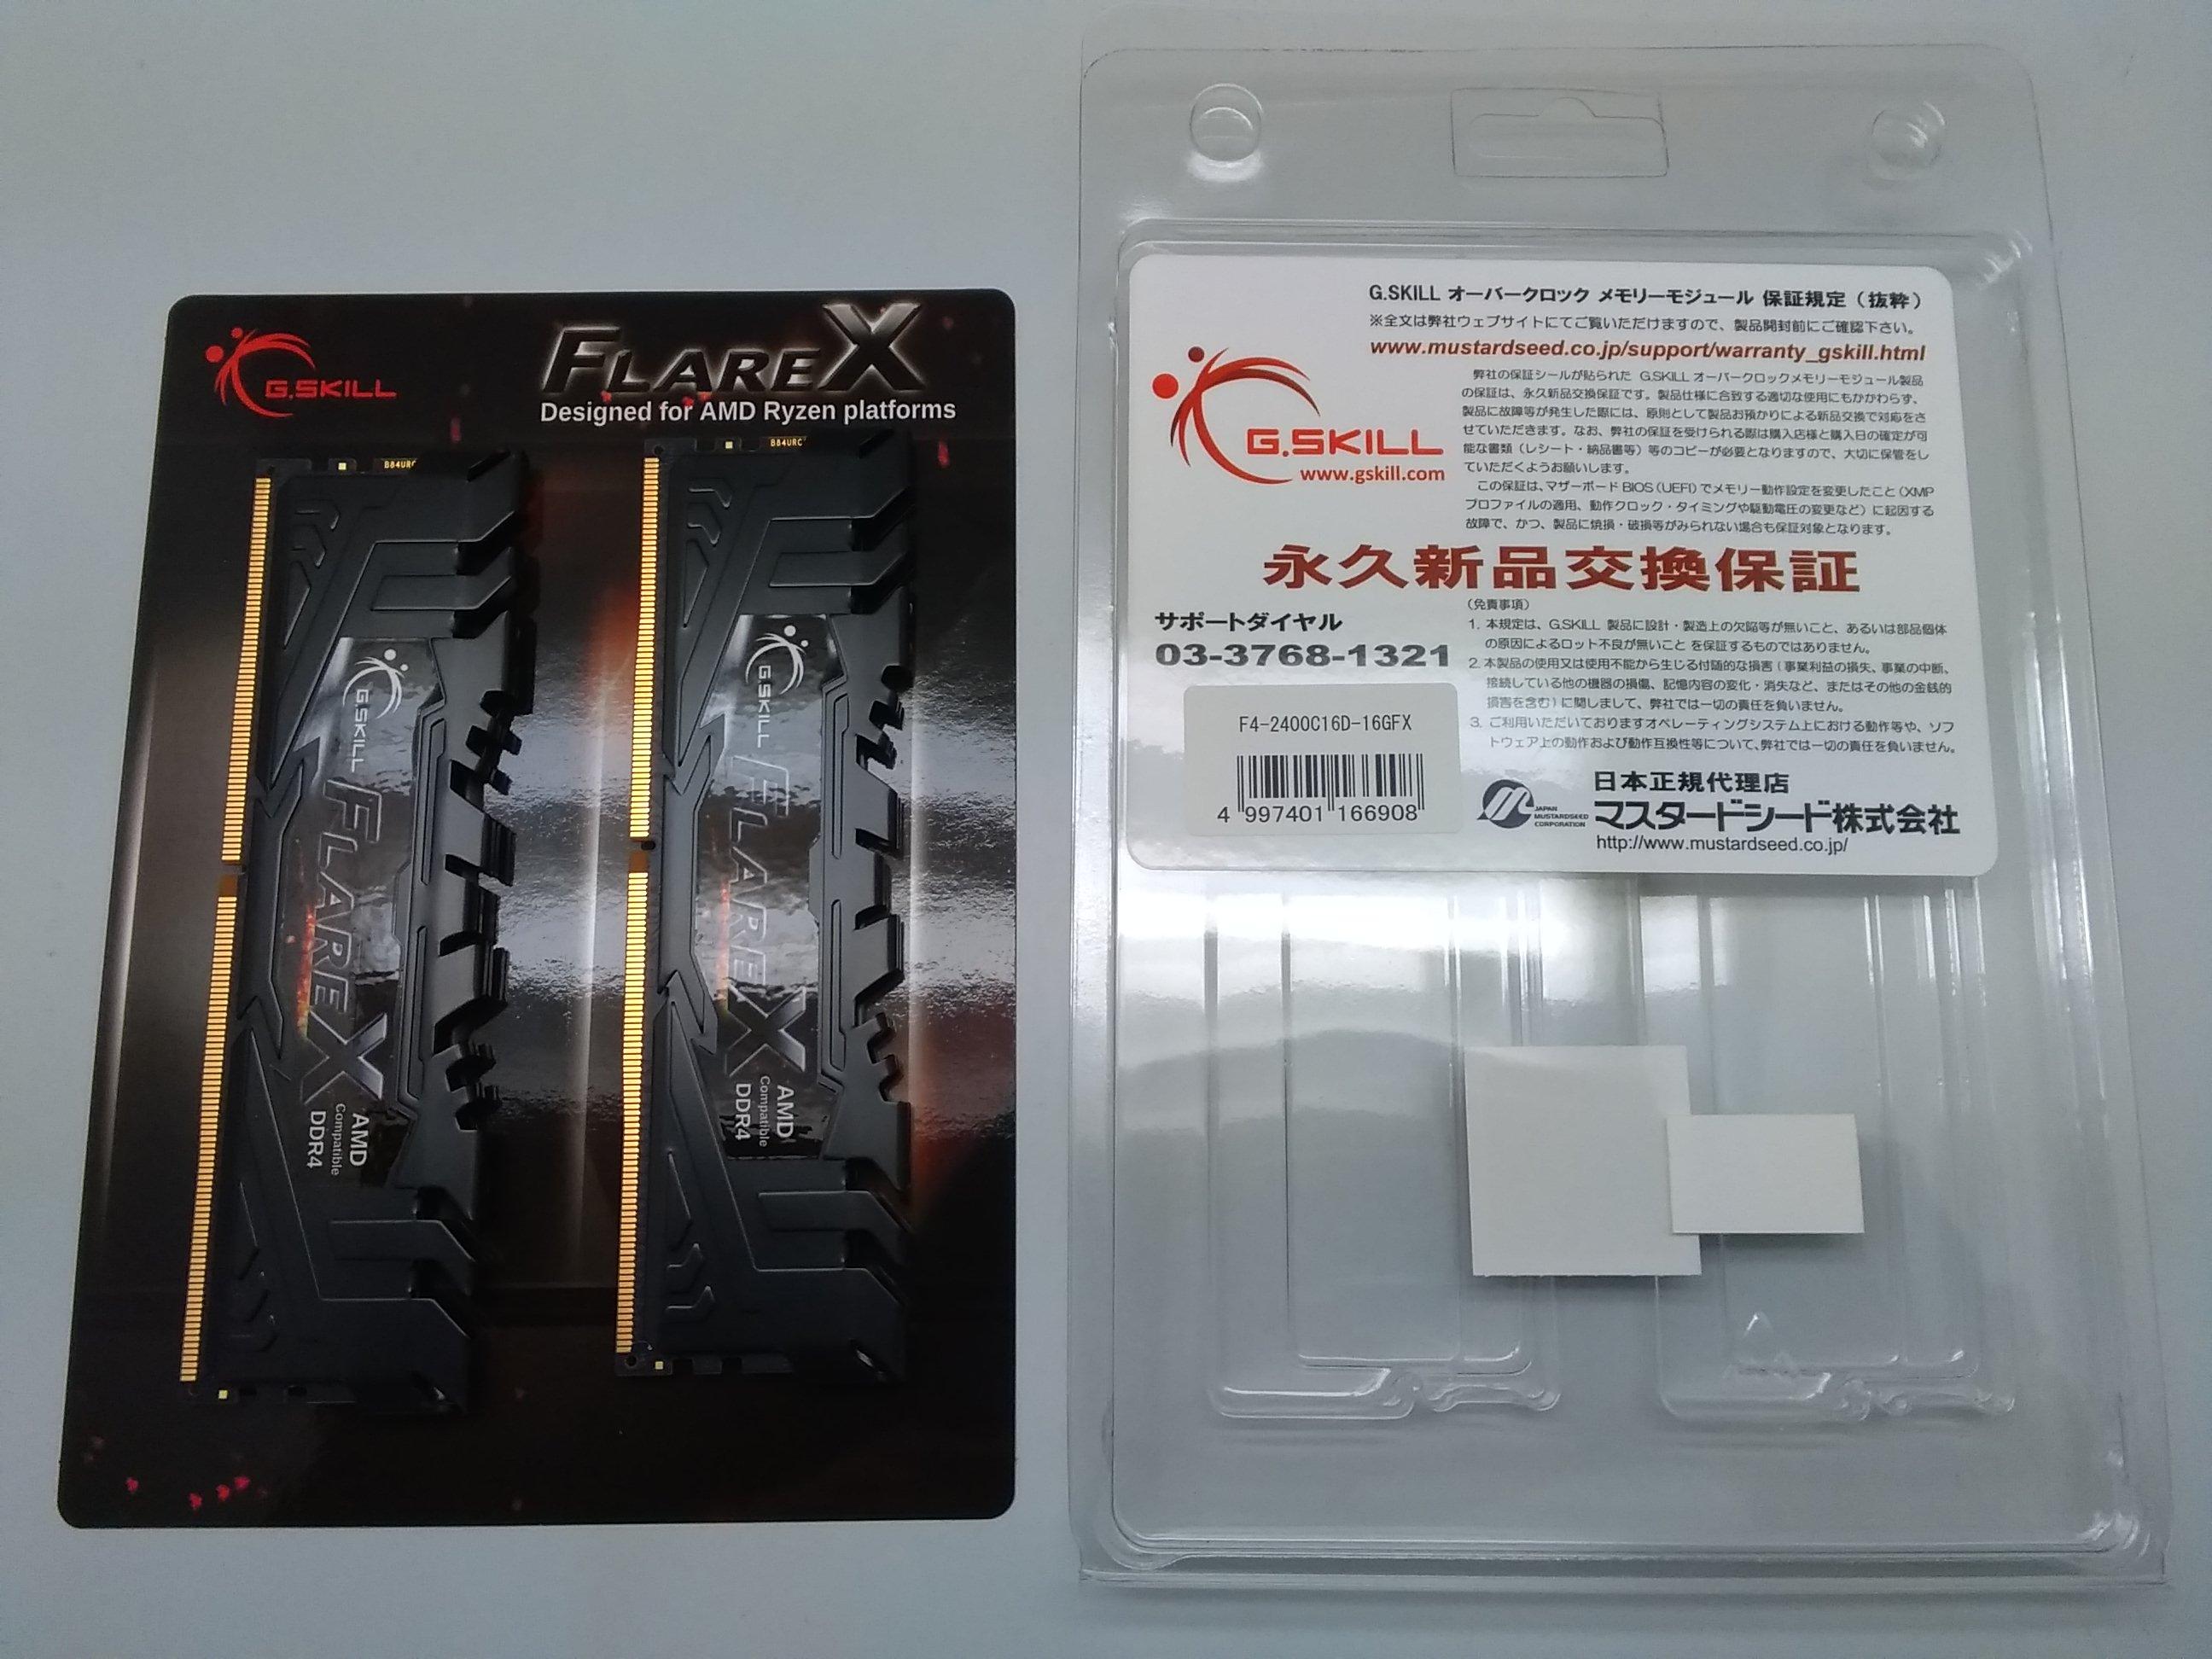 F4-2400C16D-16GFX|G.SKILL